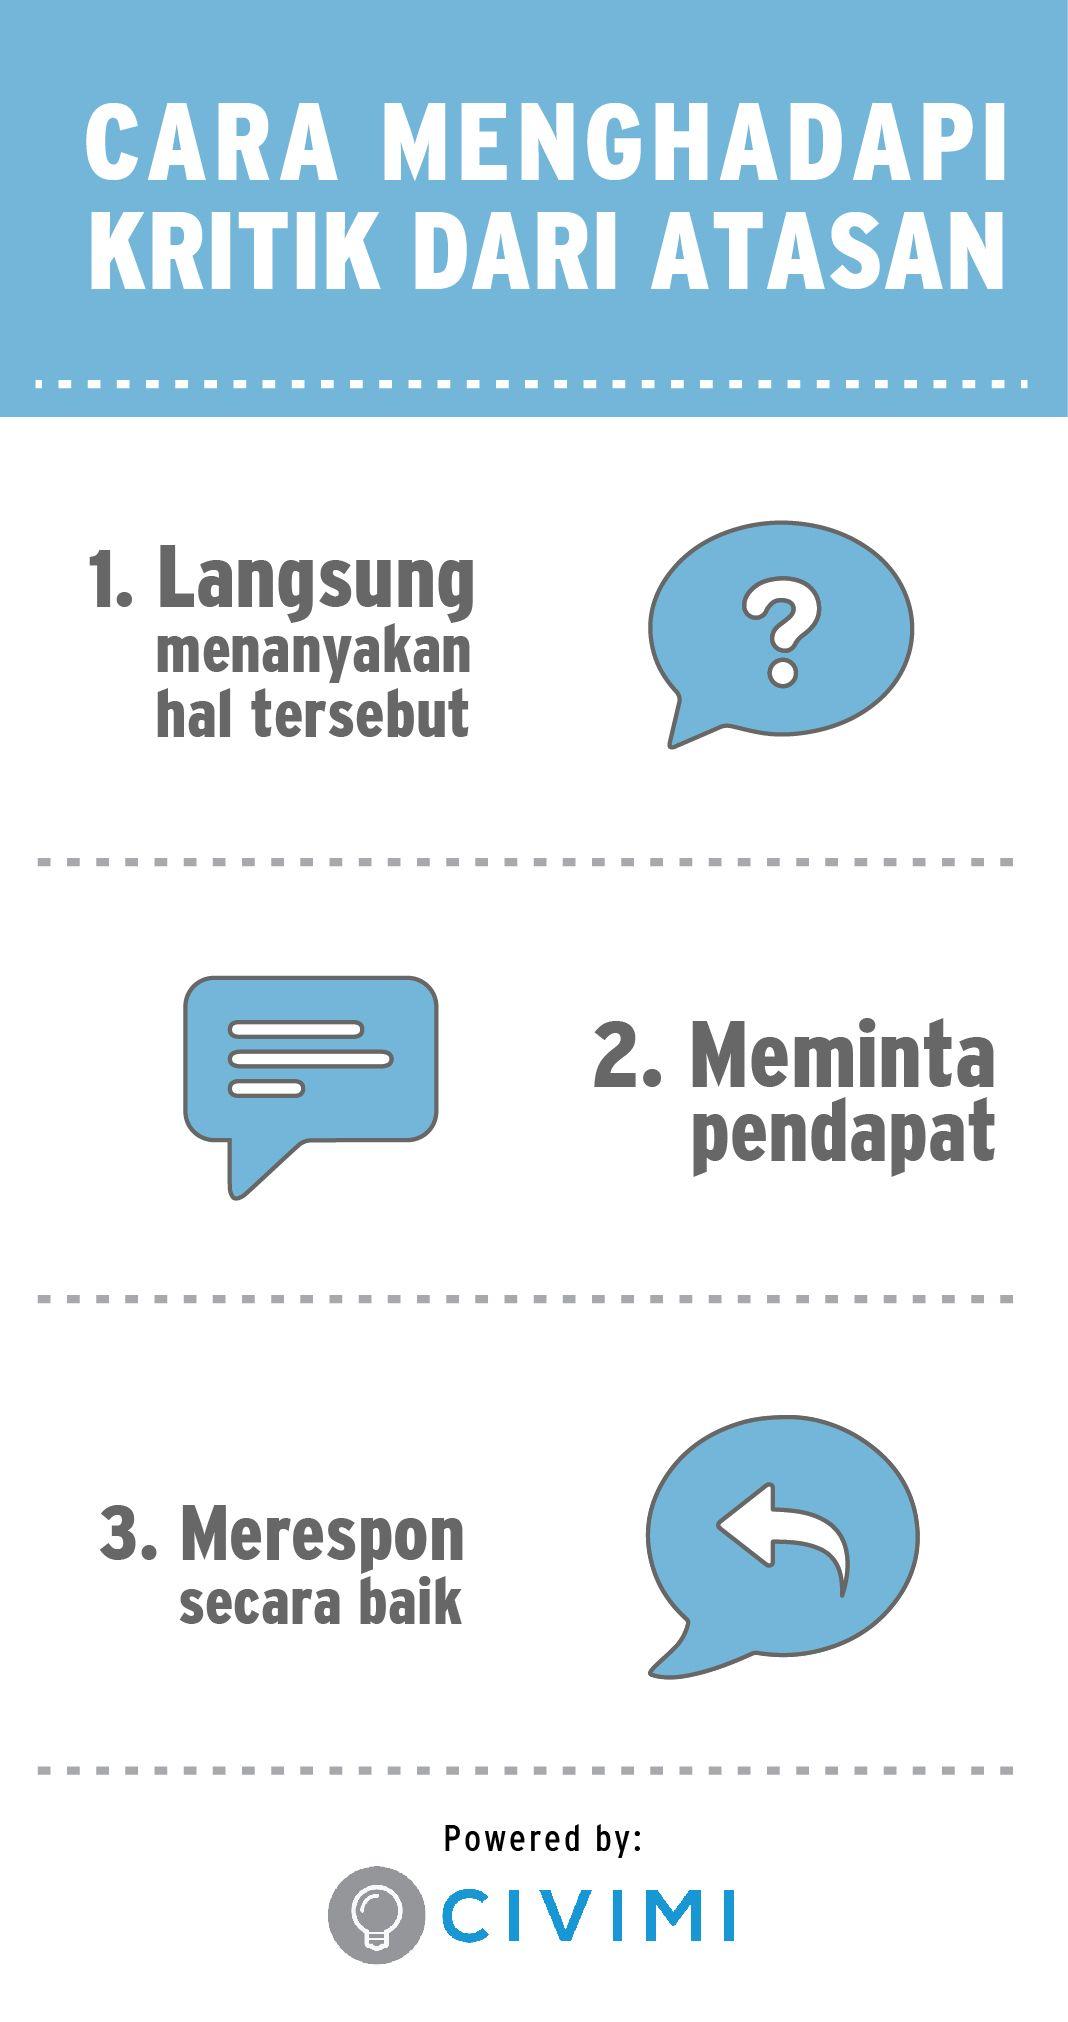 3 Cara Menghadapi Kritik dari Atasan (Infographic